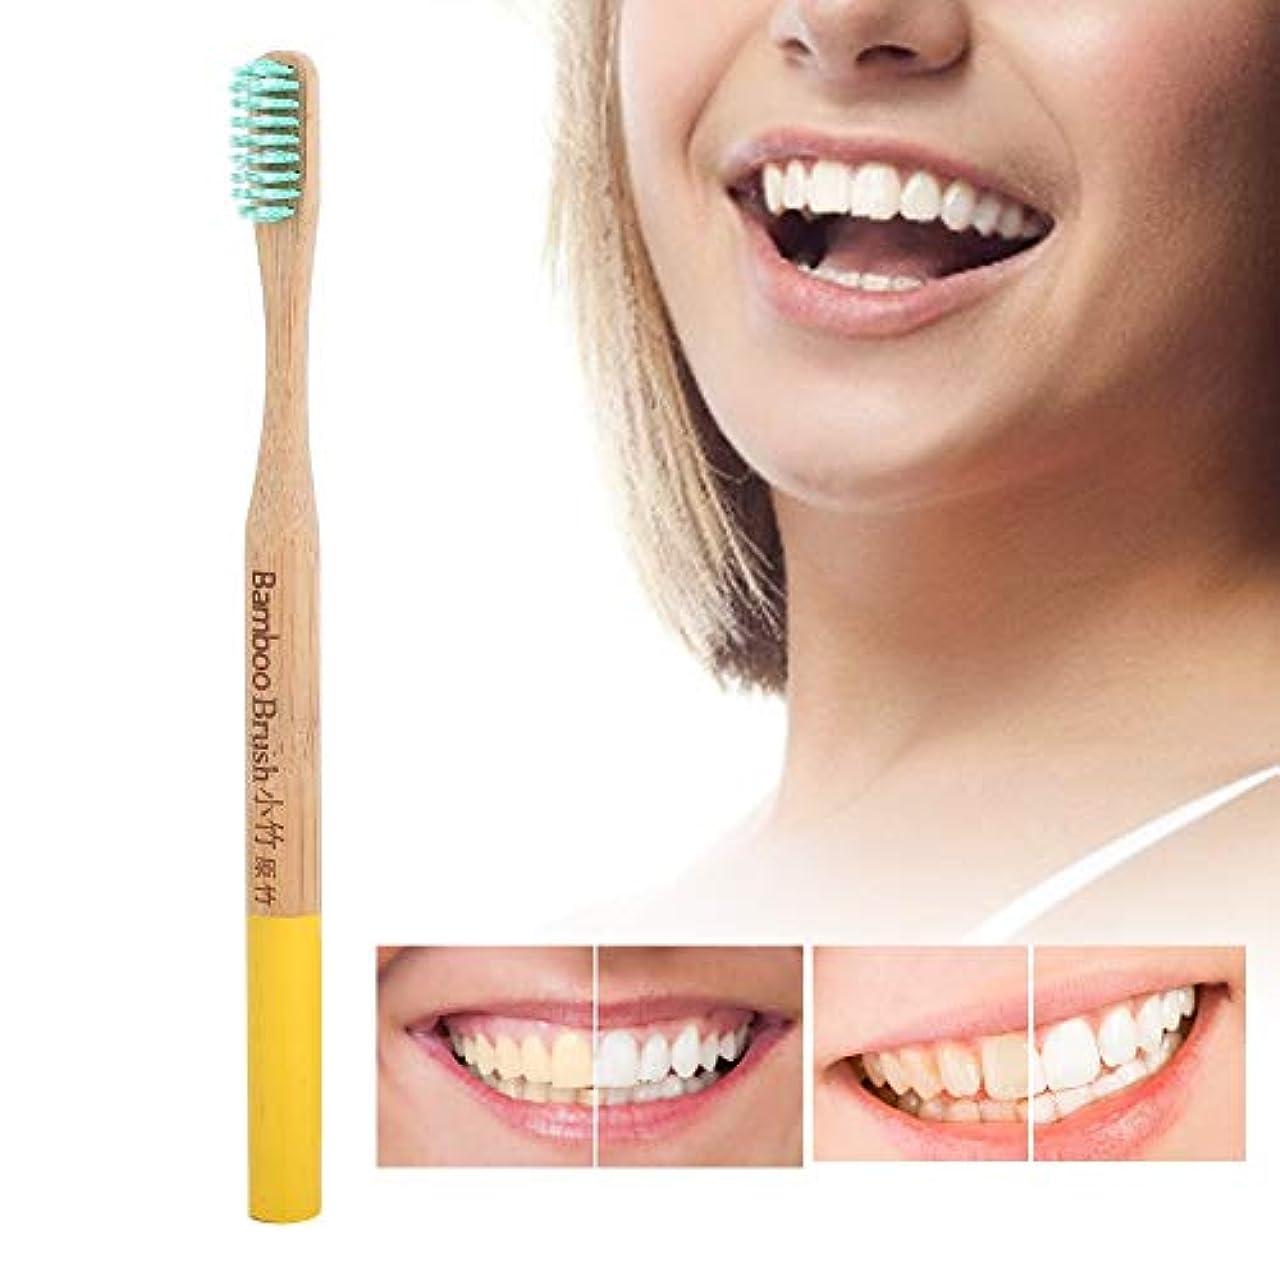 アルファベット順放射するセンチメートル歯ブラシソフト細毛竹柄歯ブラシ国内タイプ